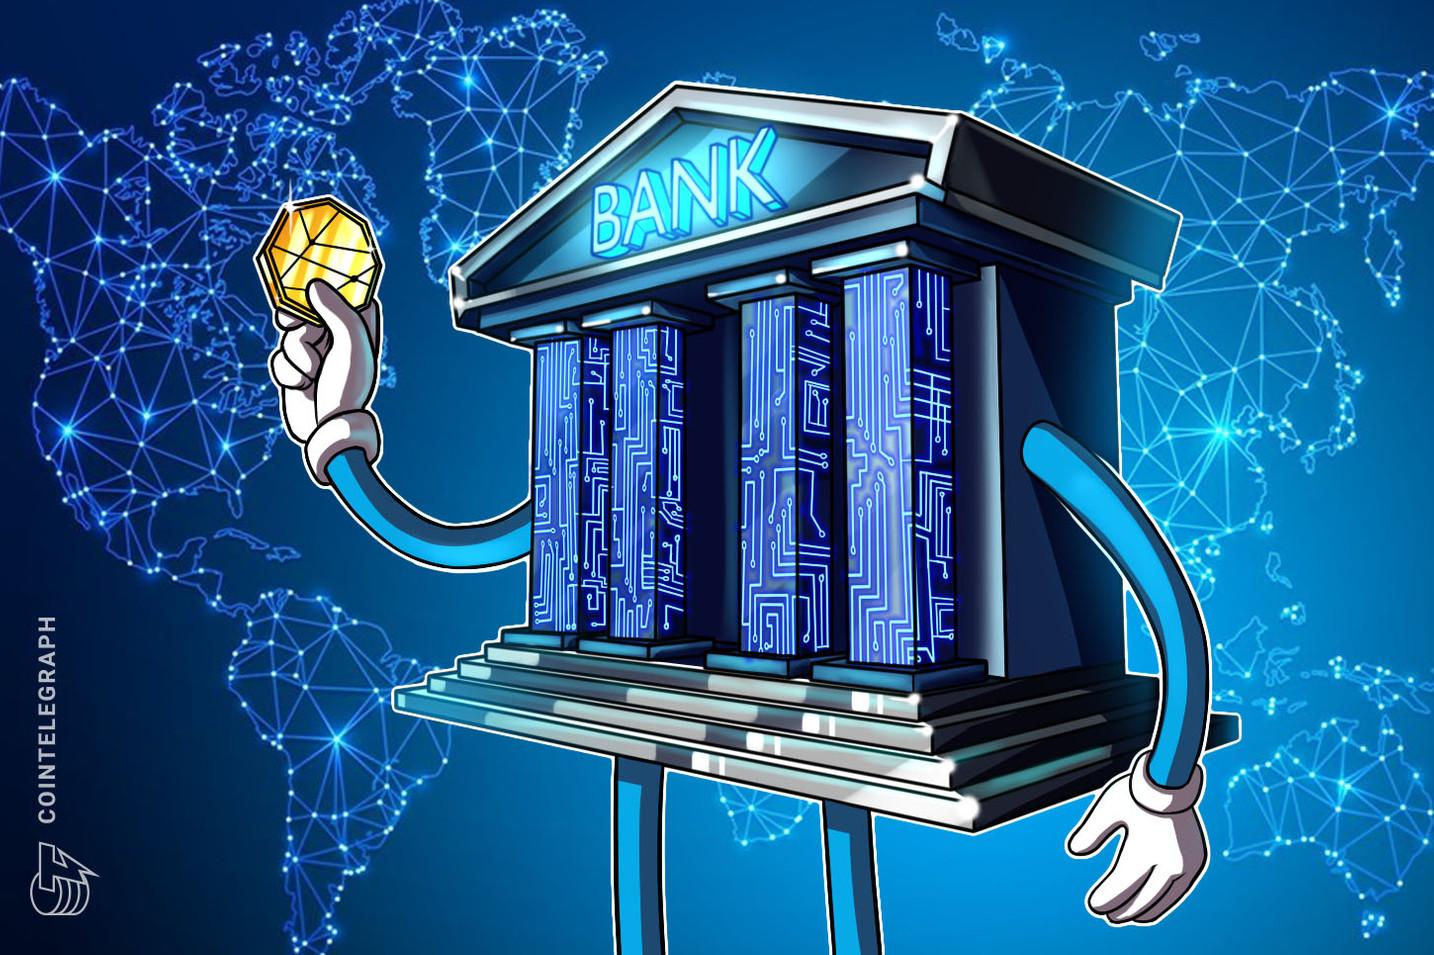 Informe: El primer ministro de Vietnam pide al Banco Estatal que pruebe una moneda digital basada en tecnología blockchain